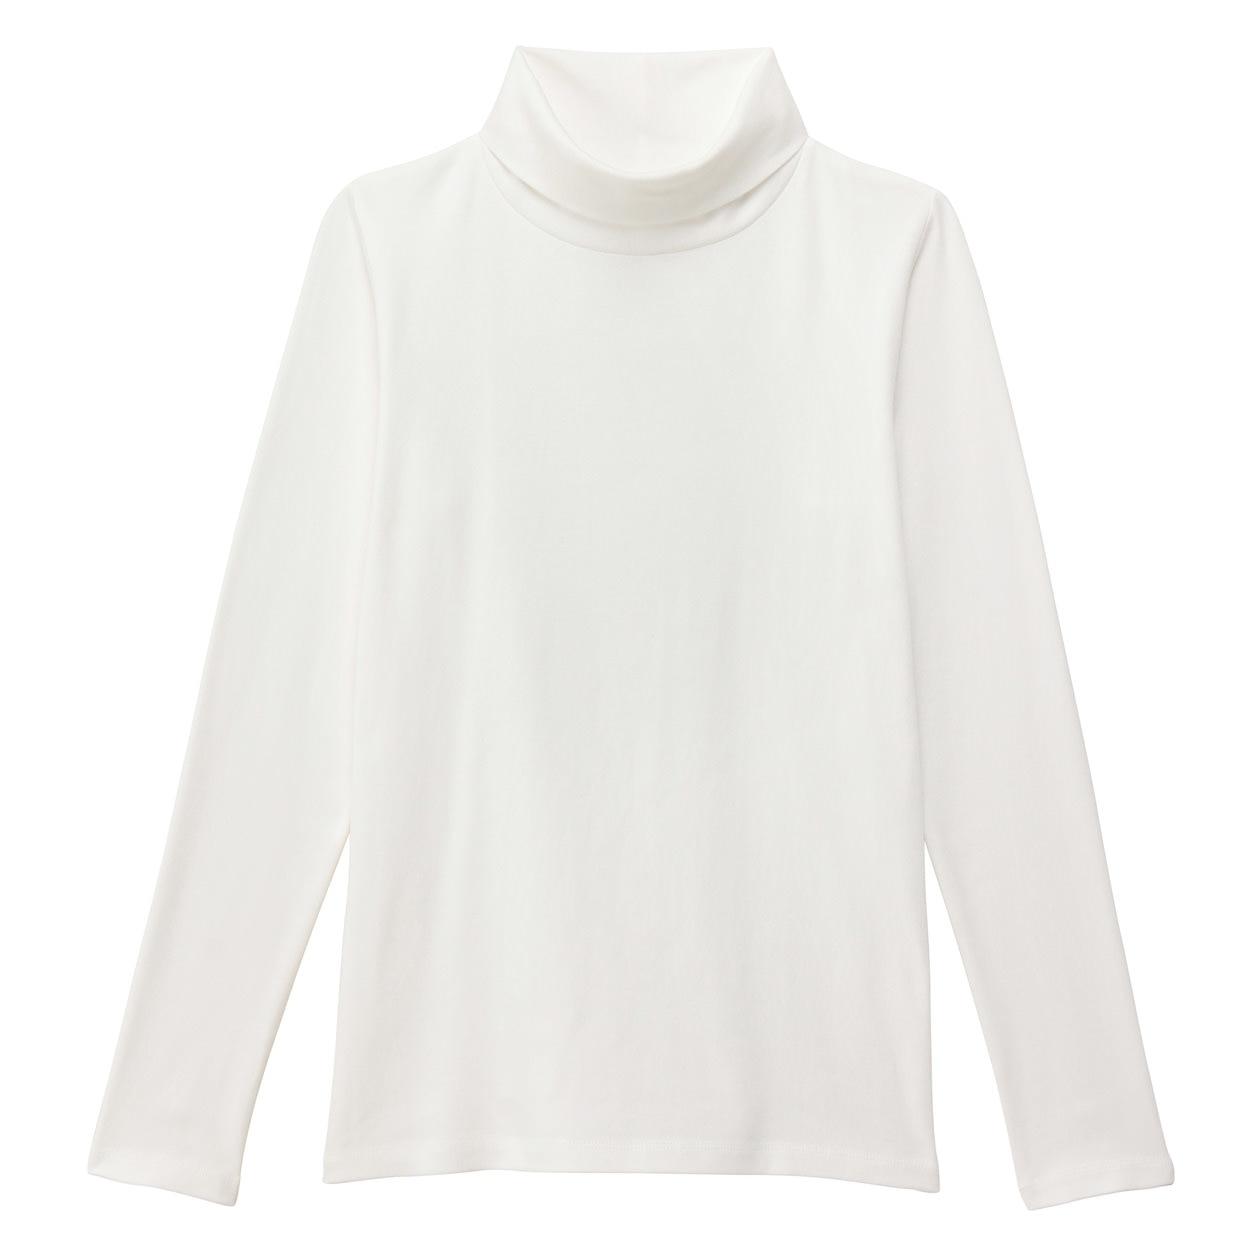 オーガニックコットンストレッチタートルネックTシャツ